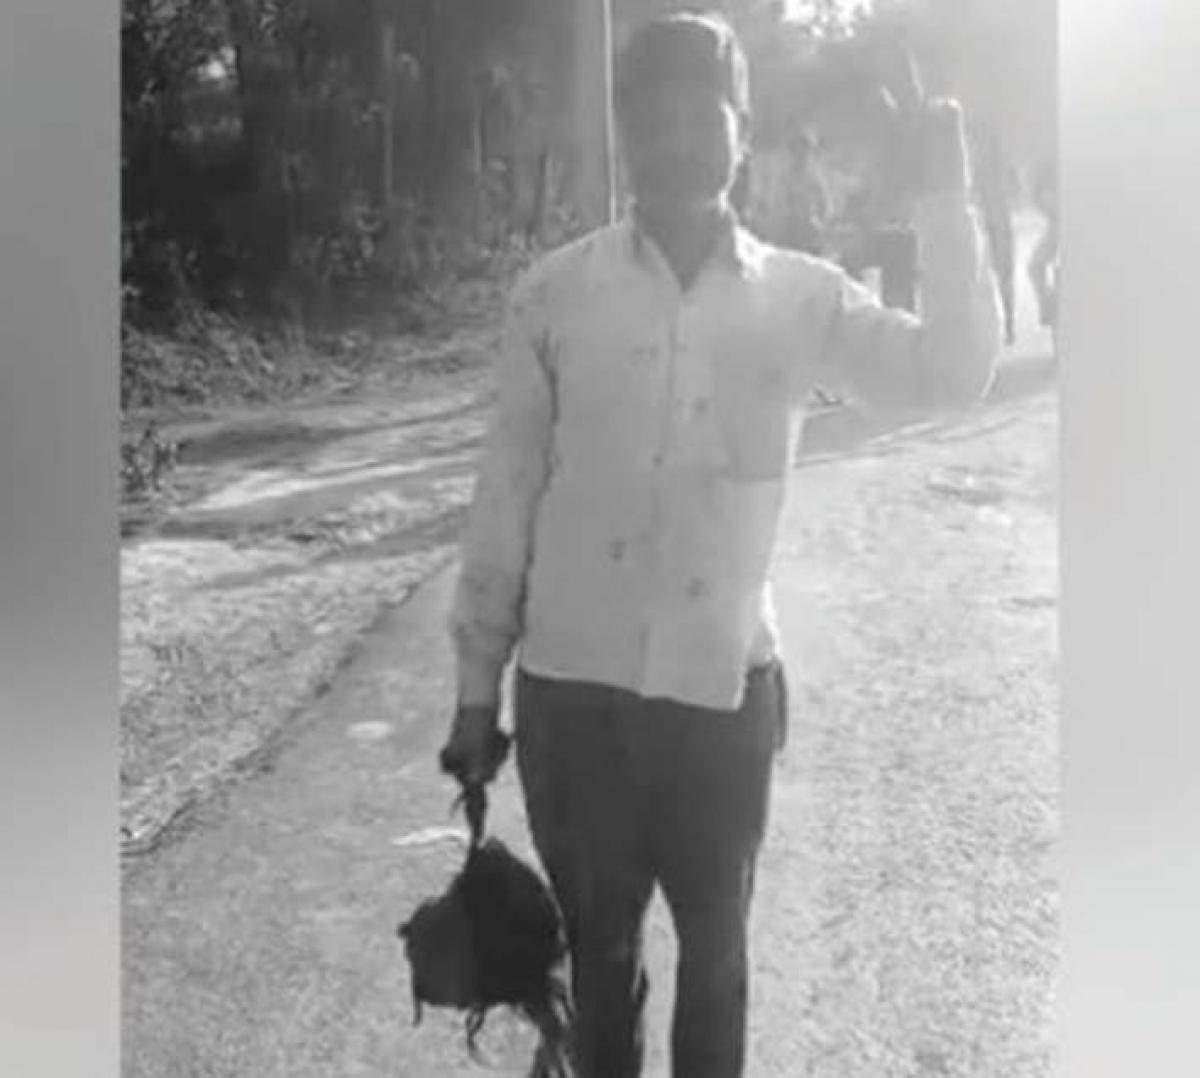 ਹਰਦੋਈ ਵਿਚ ਪਿਓ ਨੇ 18 ਸਾਲਾ ਧੀ ਦਾ ਗਲ਼ਾ ਵੱਢਿਆ, ਸਿਰ ਲੈ ਕੇ ਪੁੱਜਿਆ ਥਾਣੇ